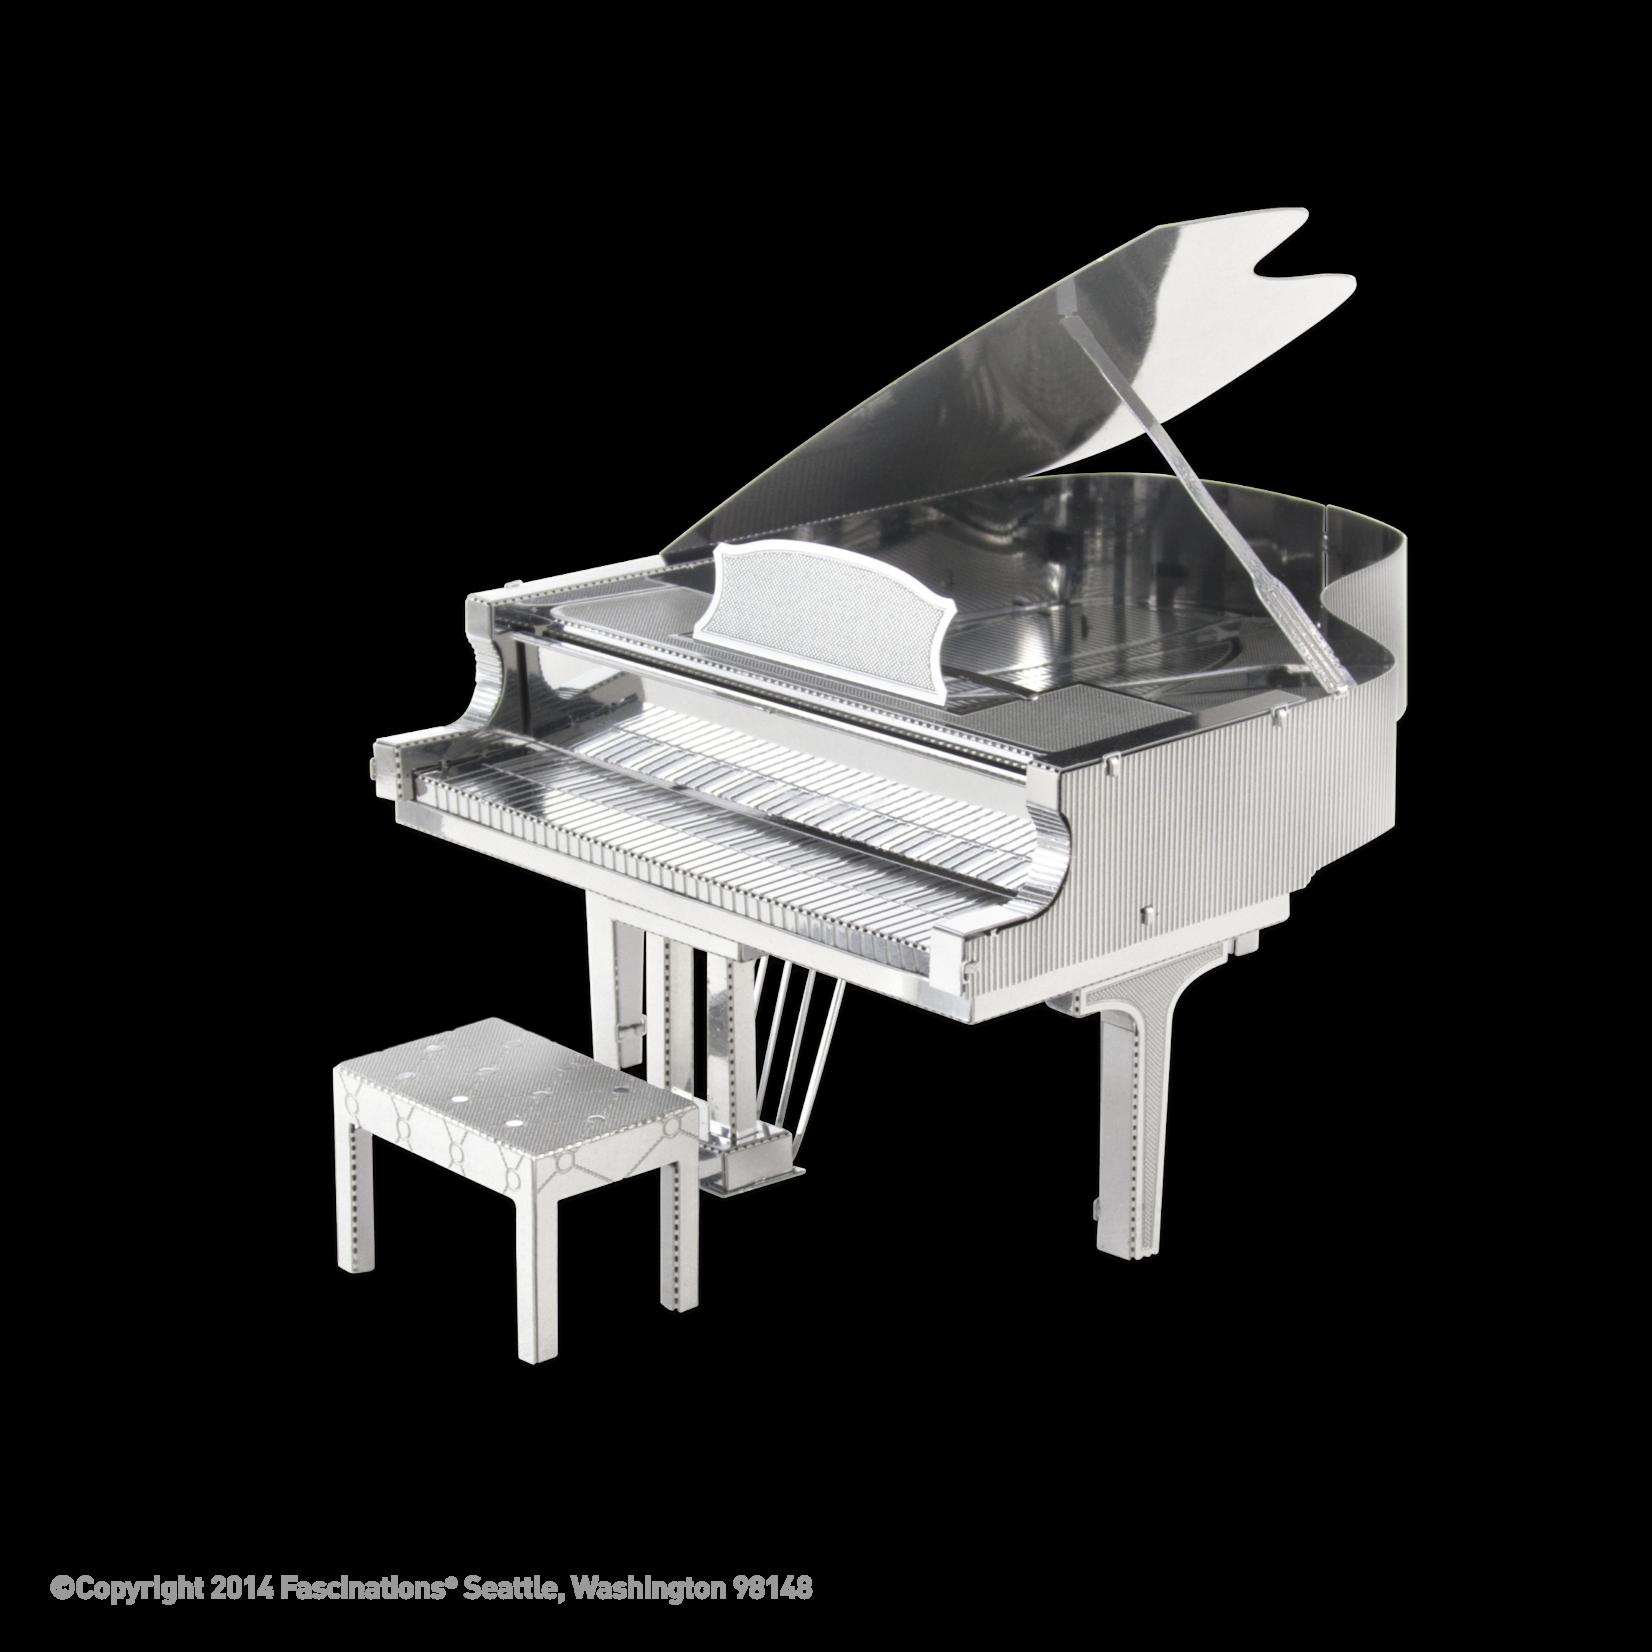 Fascinations Grand Piano